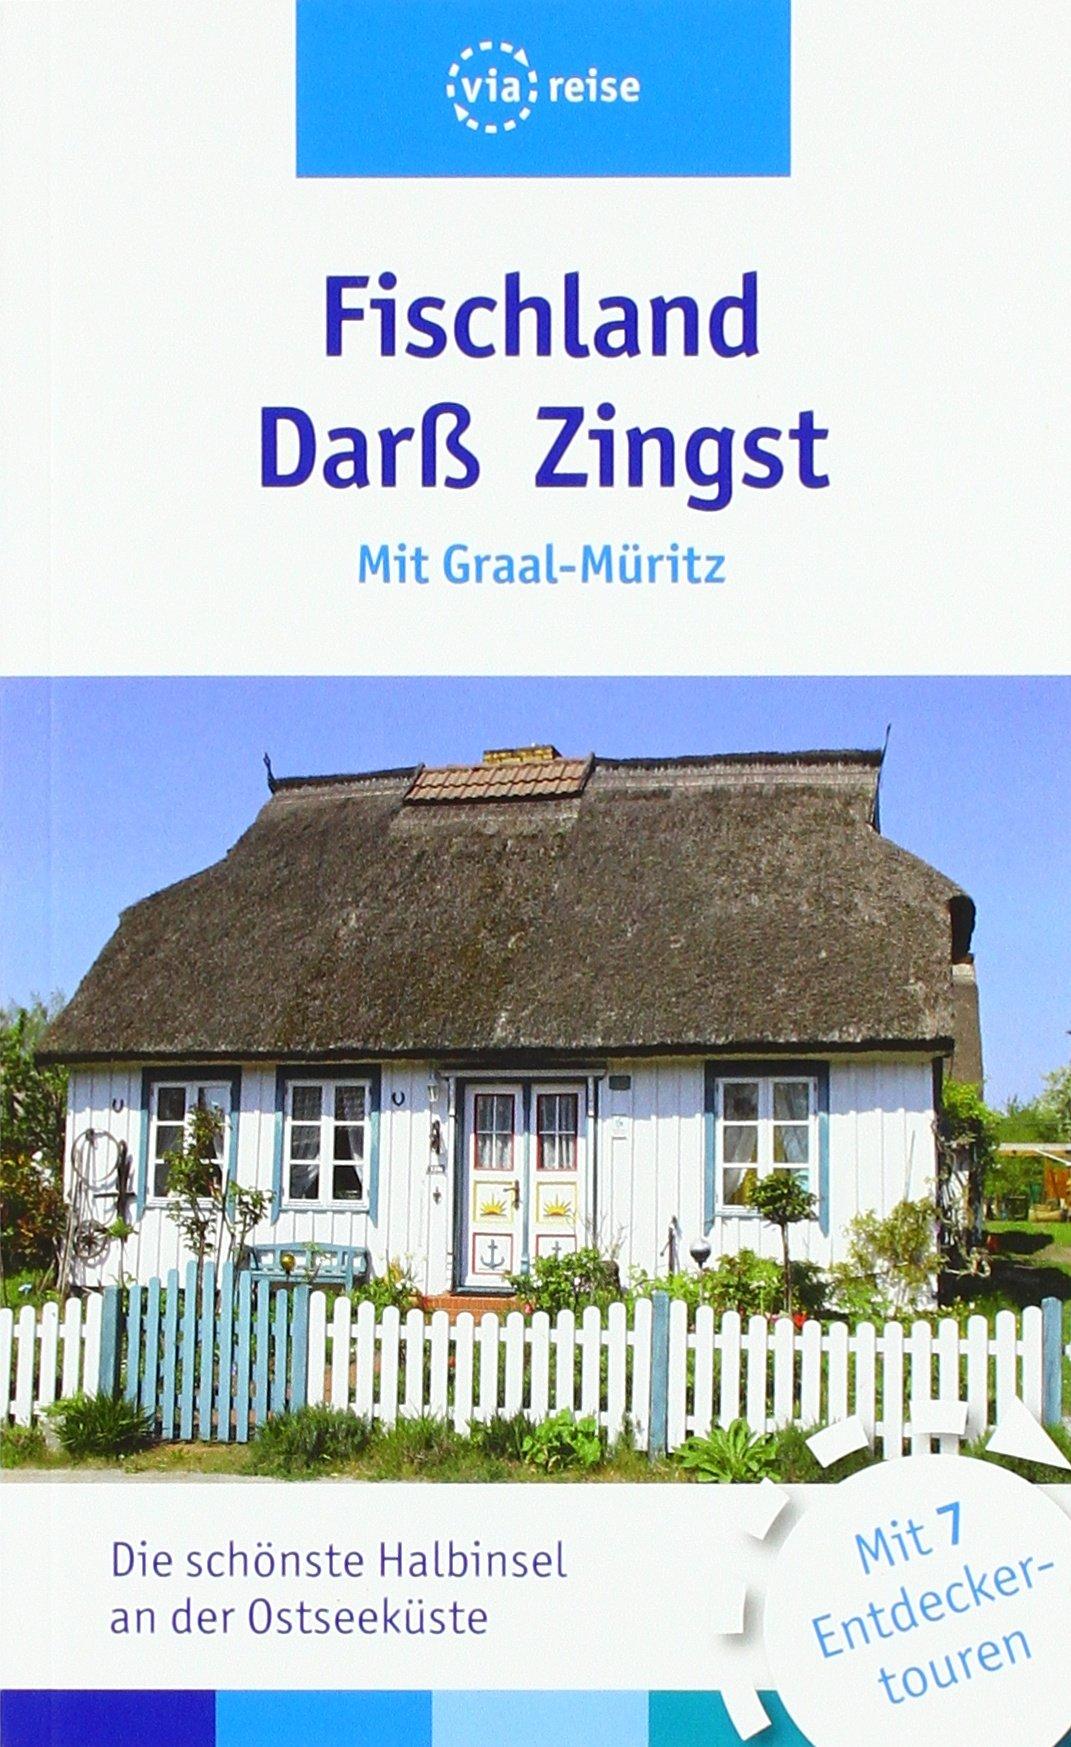 fischland-darss-zingst-mit-graal-mritz